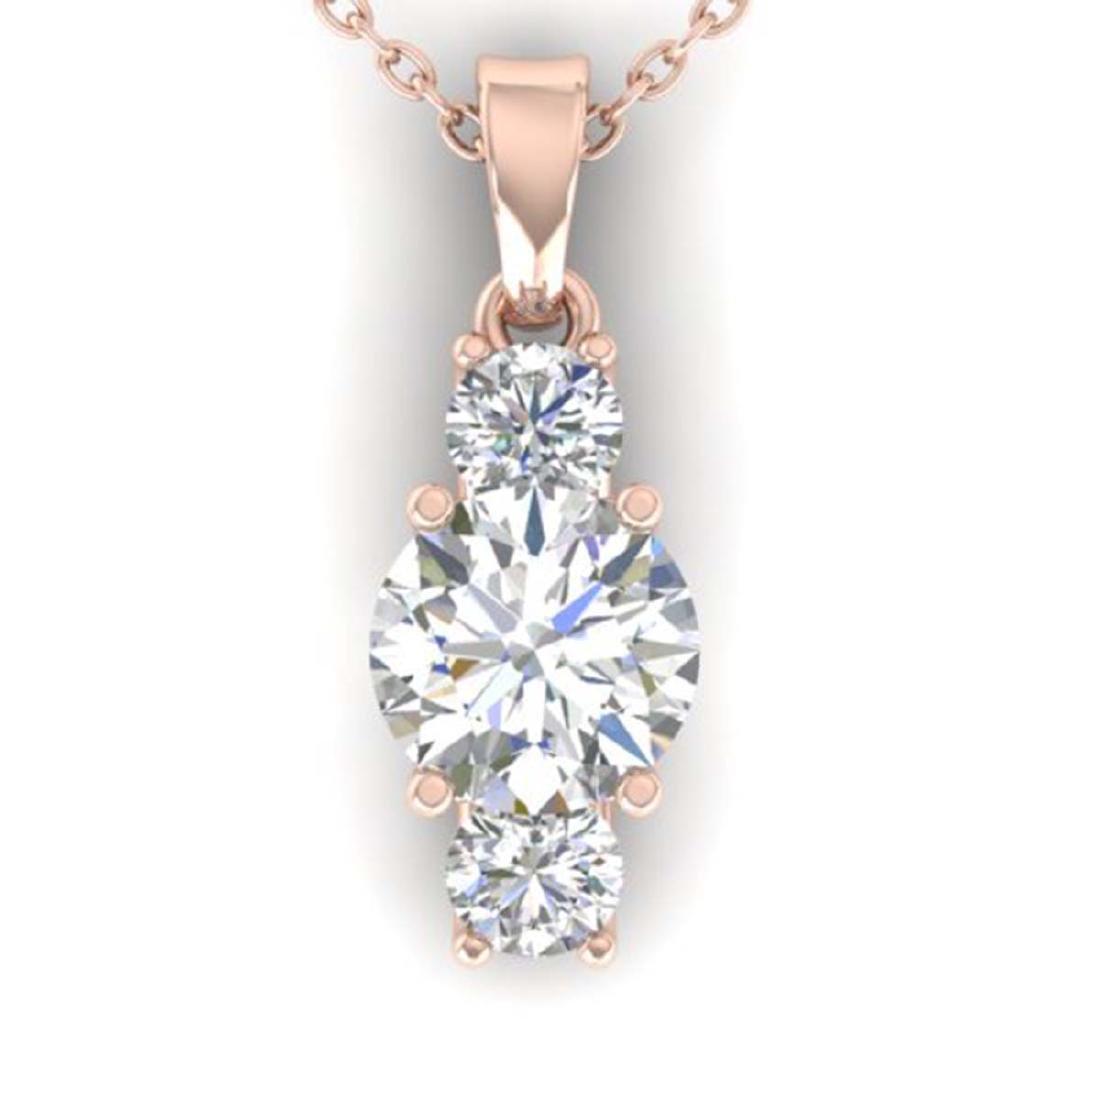 1.5 CTW Certified VS/SI Diamond Art Deco Stud Necklace